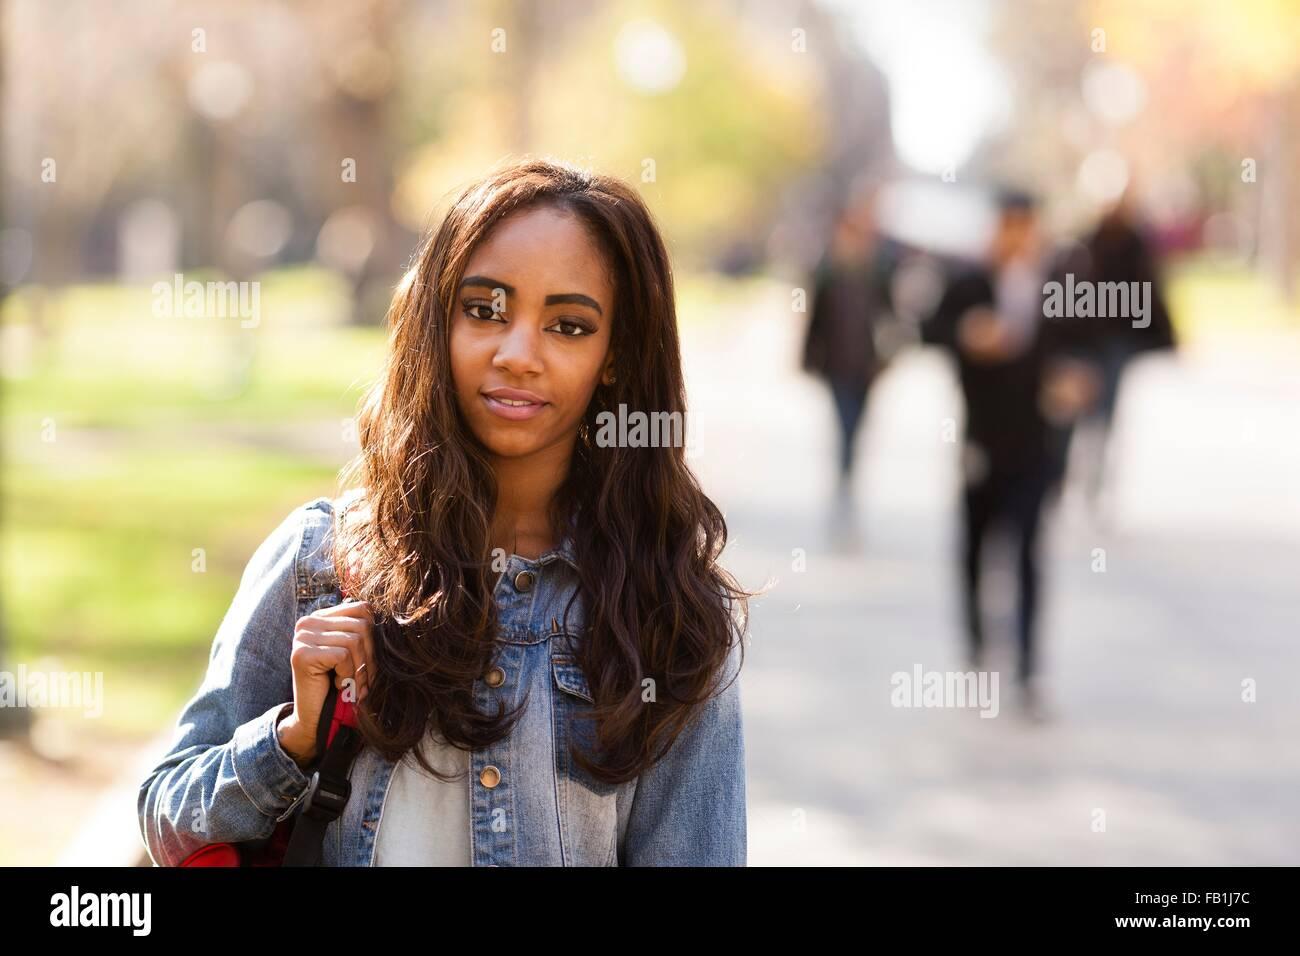 Porträt der jungen Frau mit langen braunen Haaren tragen Jeansjacke, Blick auf die Kamera zu Lächeln Stockbild